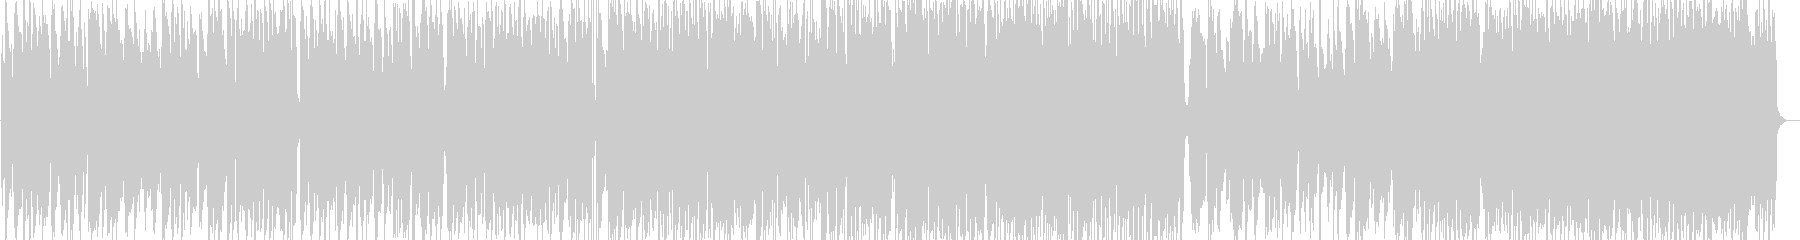 ショパンのジャズピアノトリオの未再生の波形